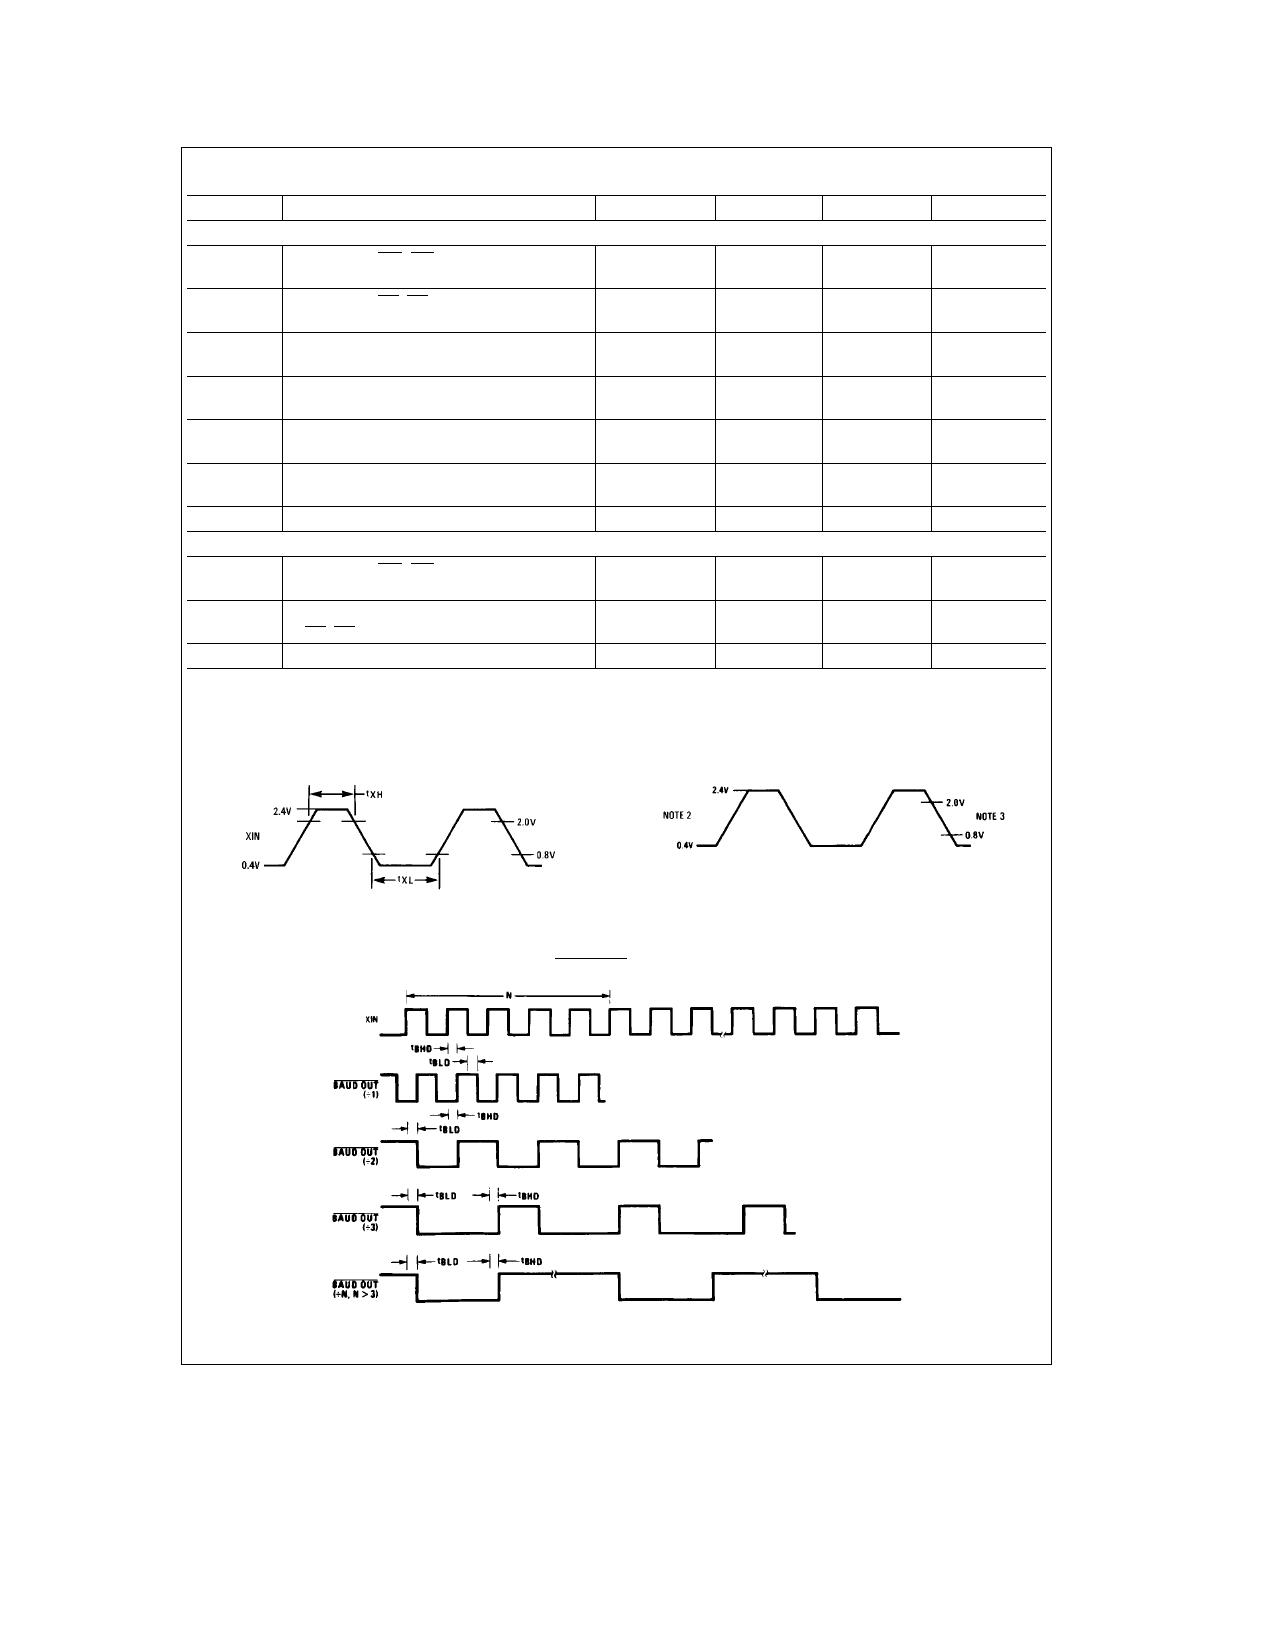 PC16552DV pdf